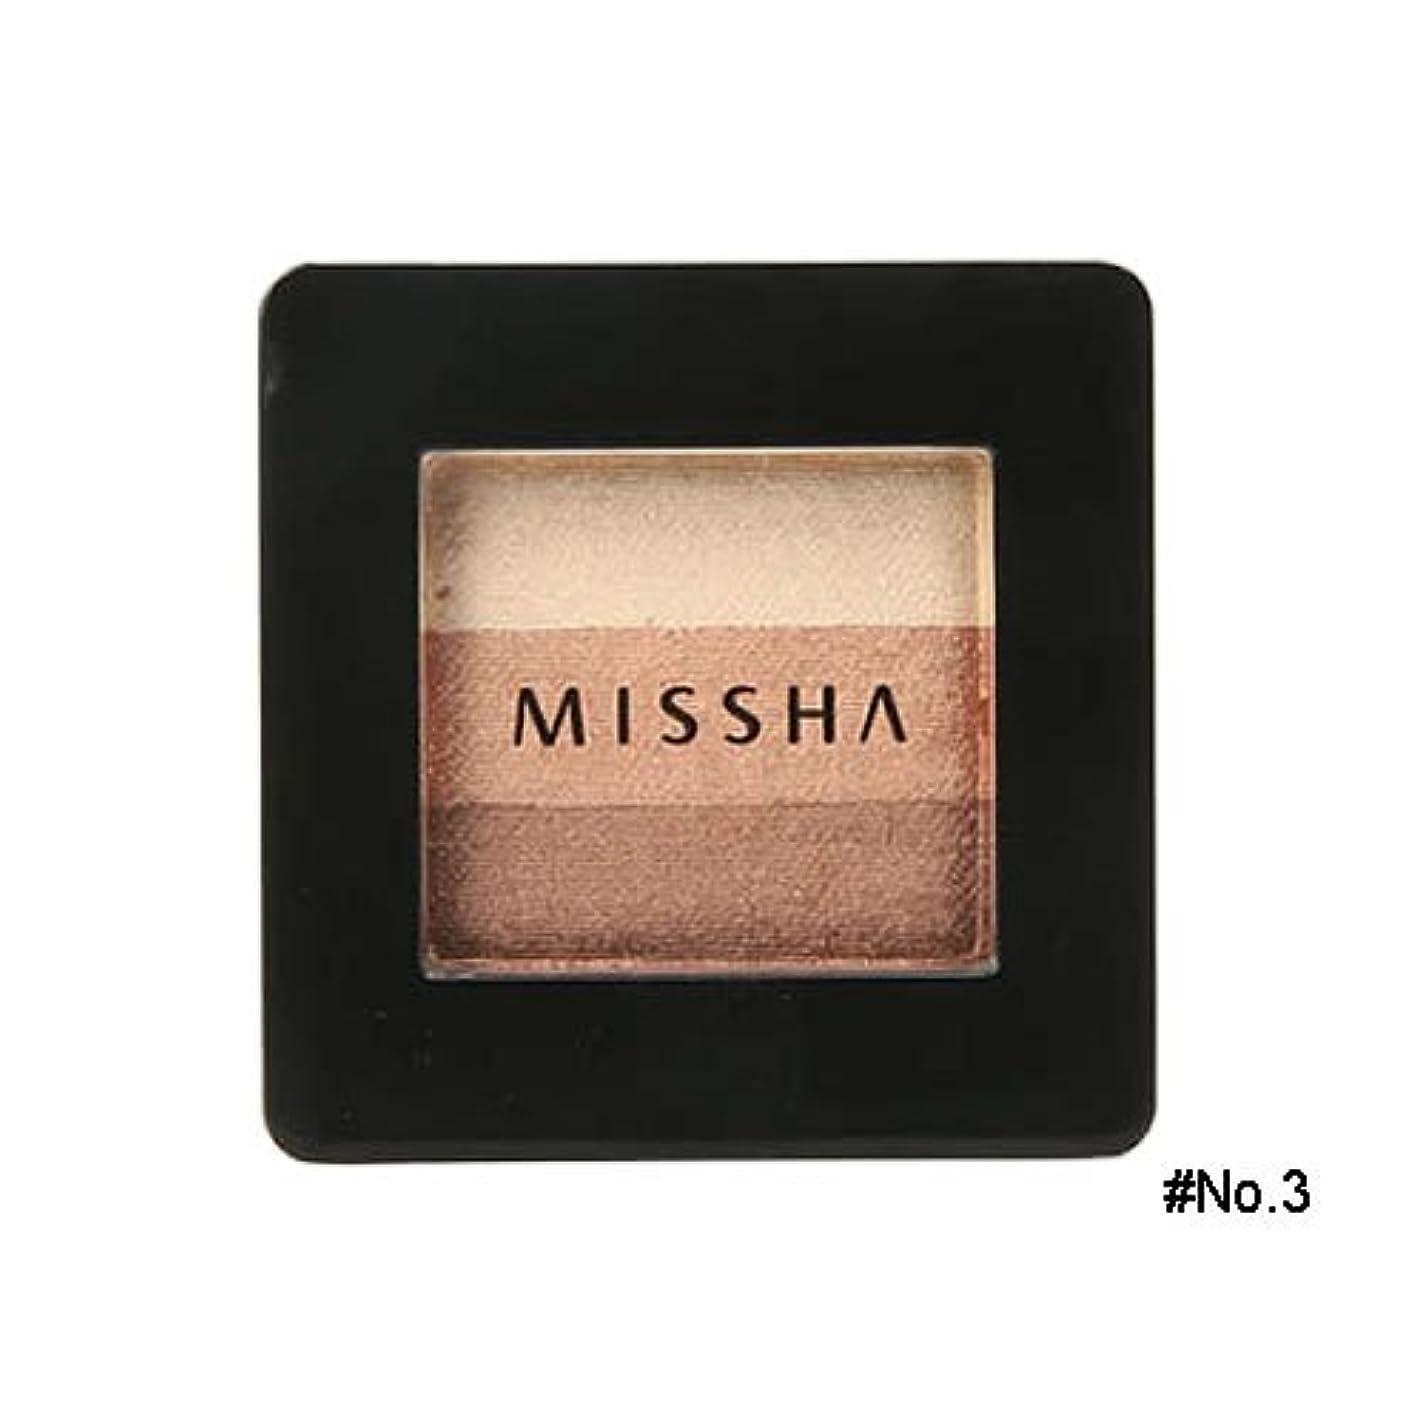 優遇再現する決定ミシャ(MISSHA) トリプルシャドウ 2g No.3(モカベージュ) [並行輸入品]